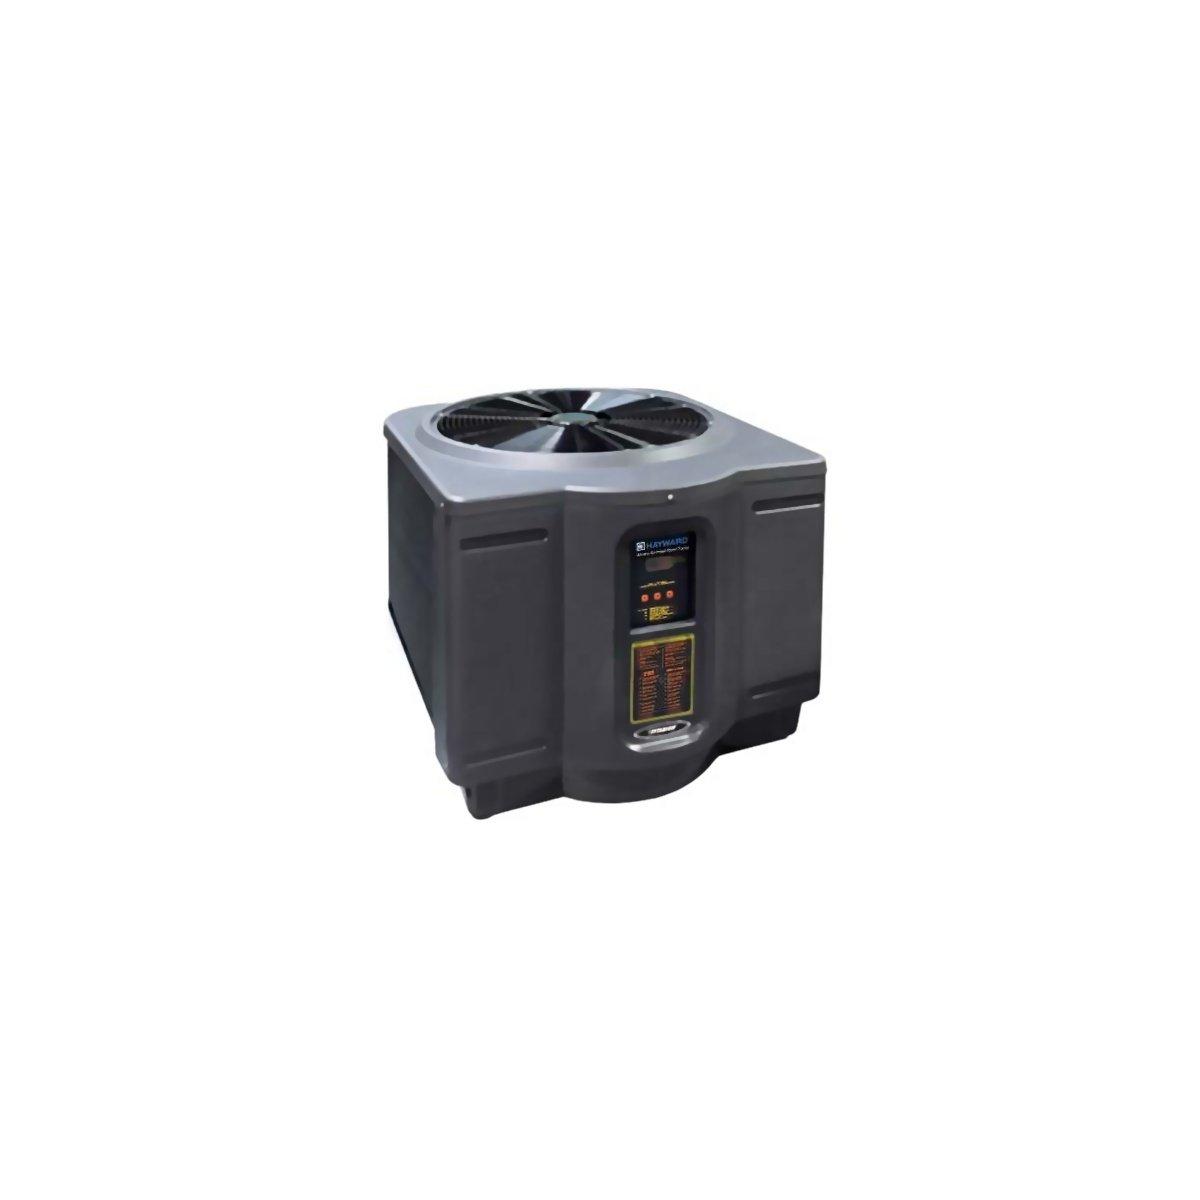 HeatPro Above Ground Pool 50K BTU Heat Pump